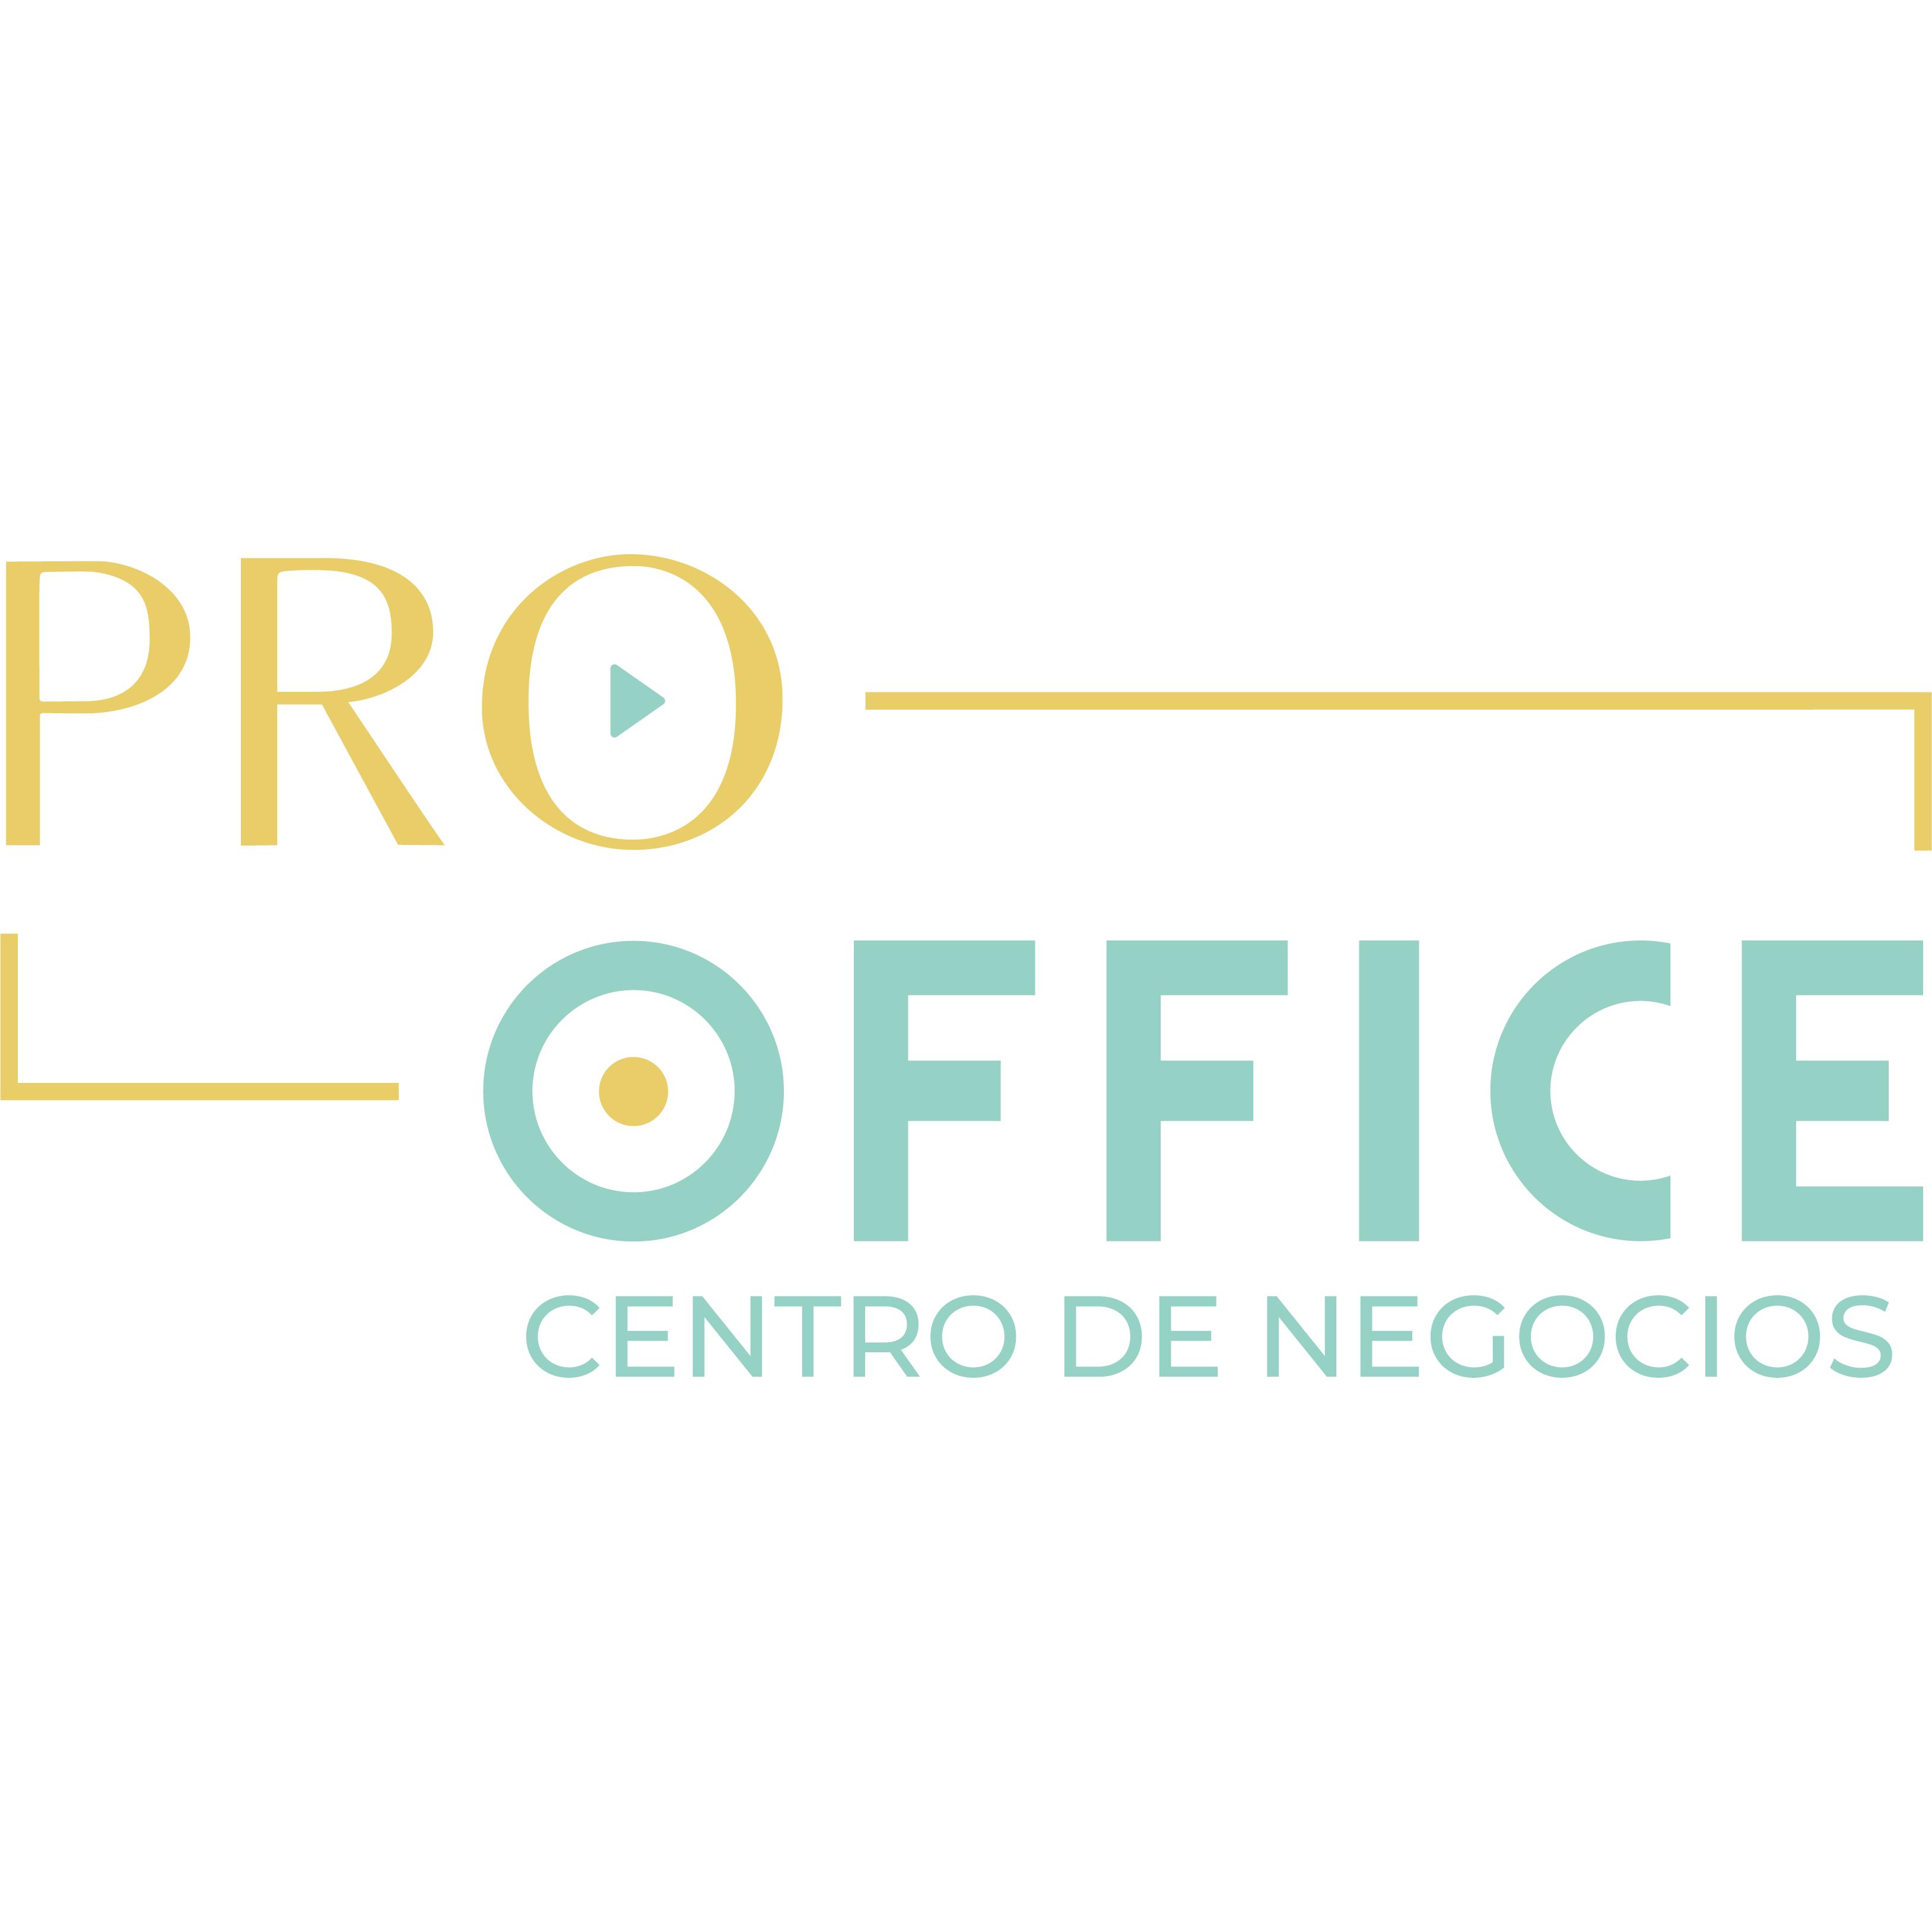 Prooffice Centro de Negocios